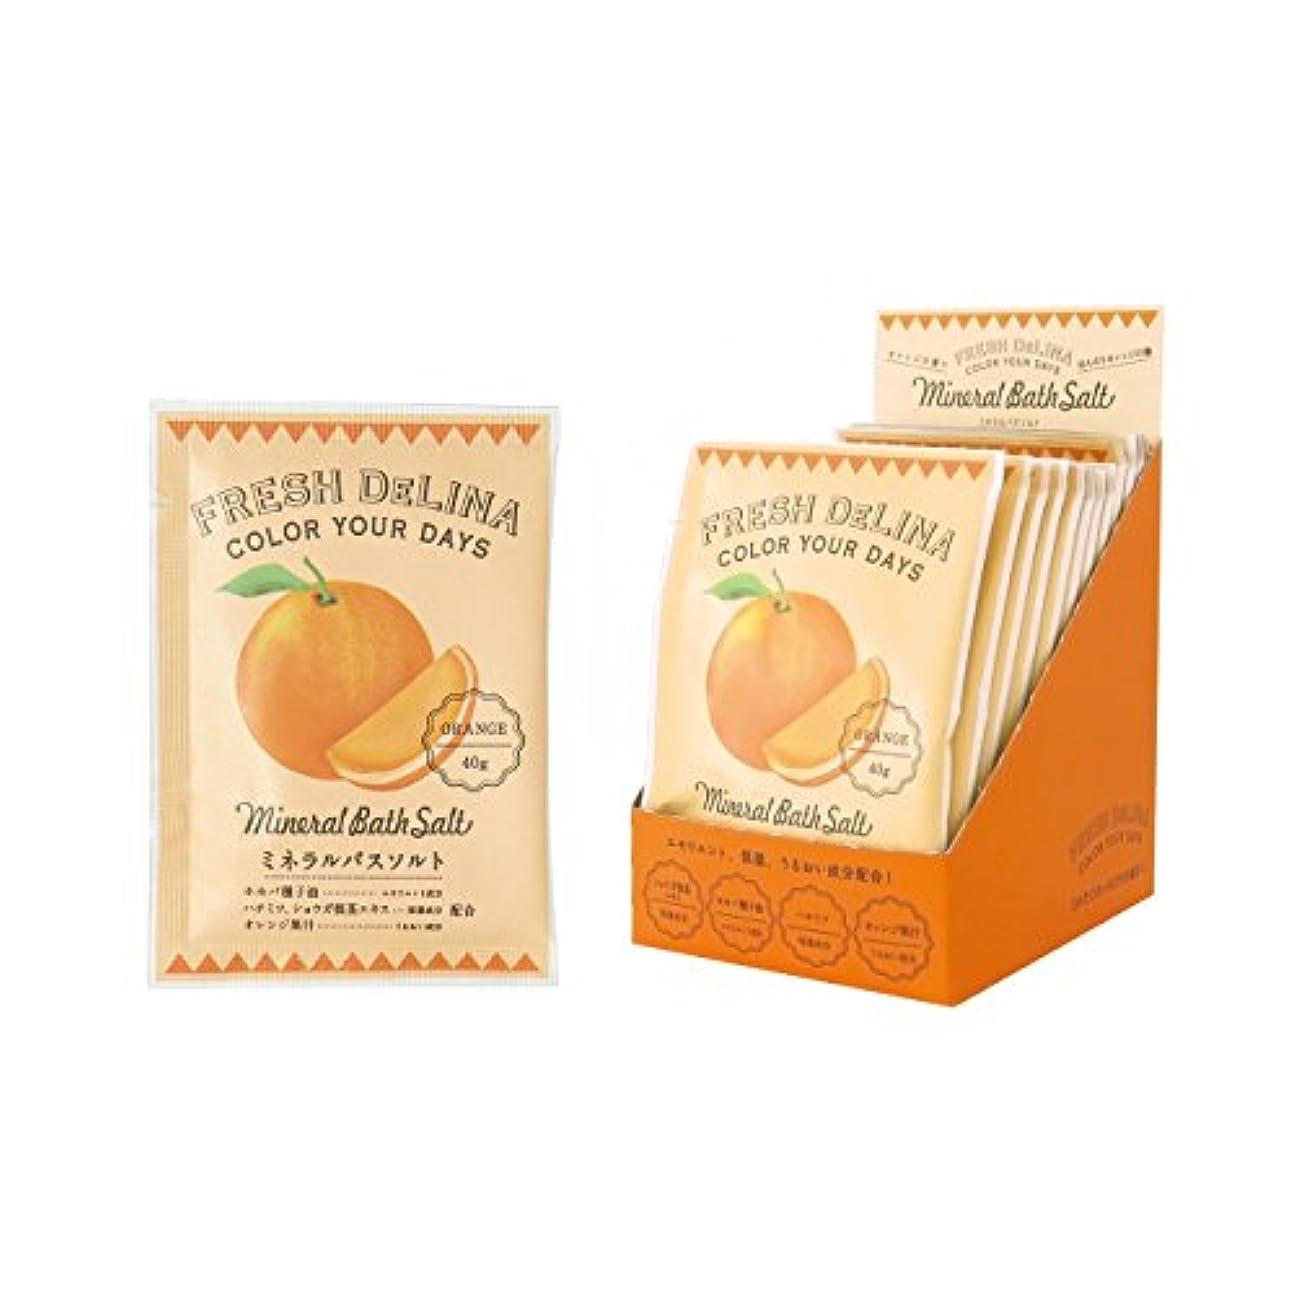 感謝する争い暴徒フレッシュデリーナ ミネラルバスソルト40g(オレンジ) 12個 (海塩タイプ入浴料 日本製 フレッシュな柑橘系の香り)